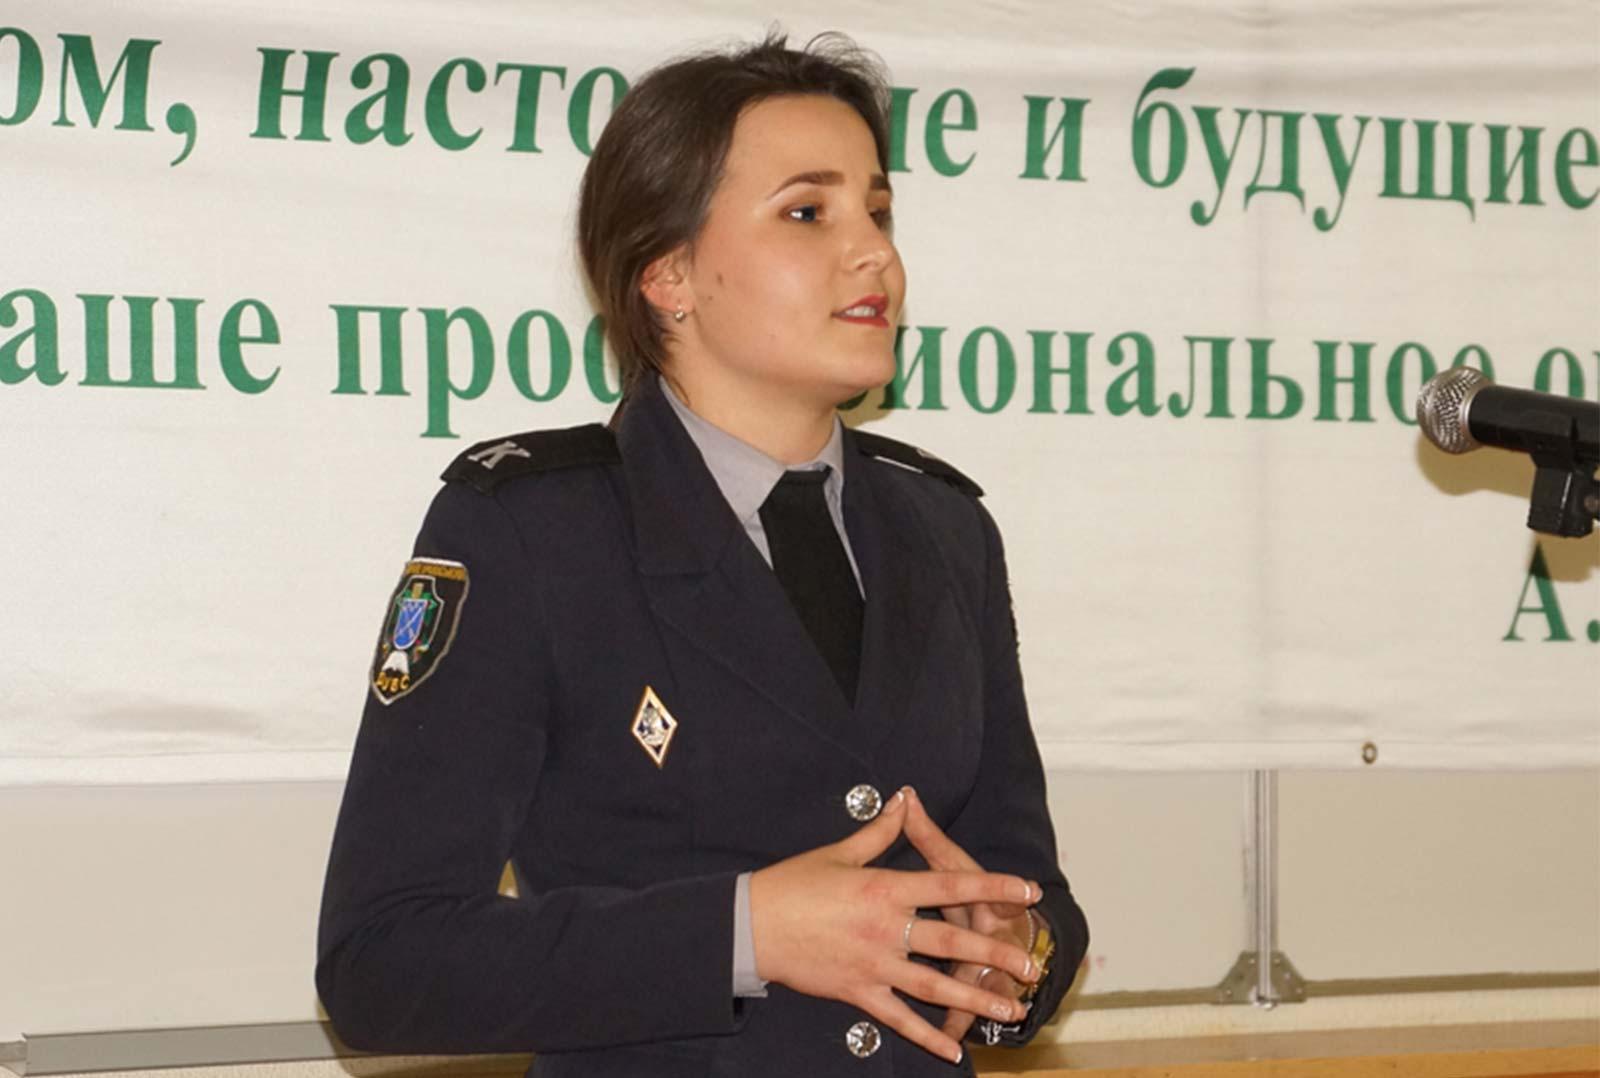 Курсанти університету на міжнародному конкурсі